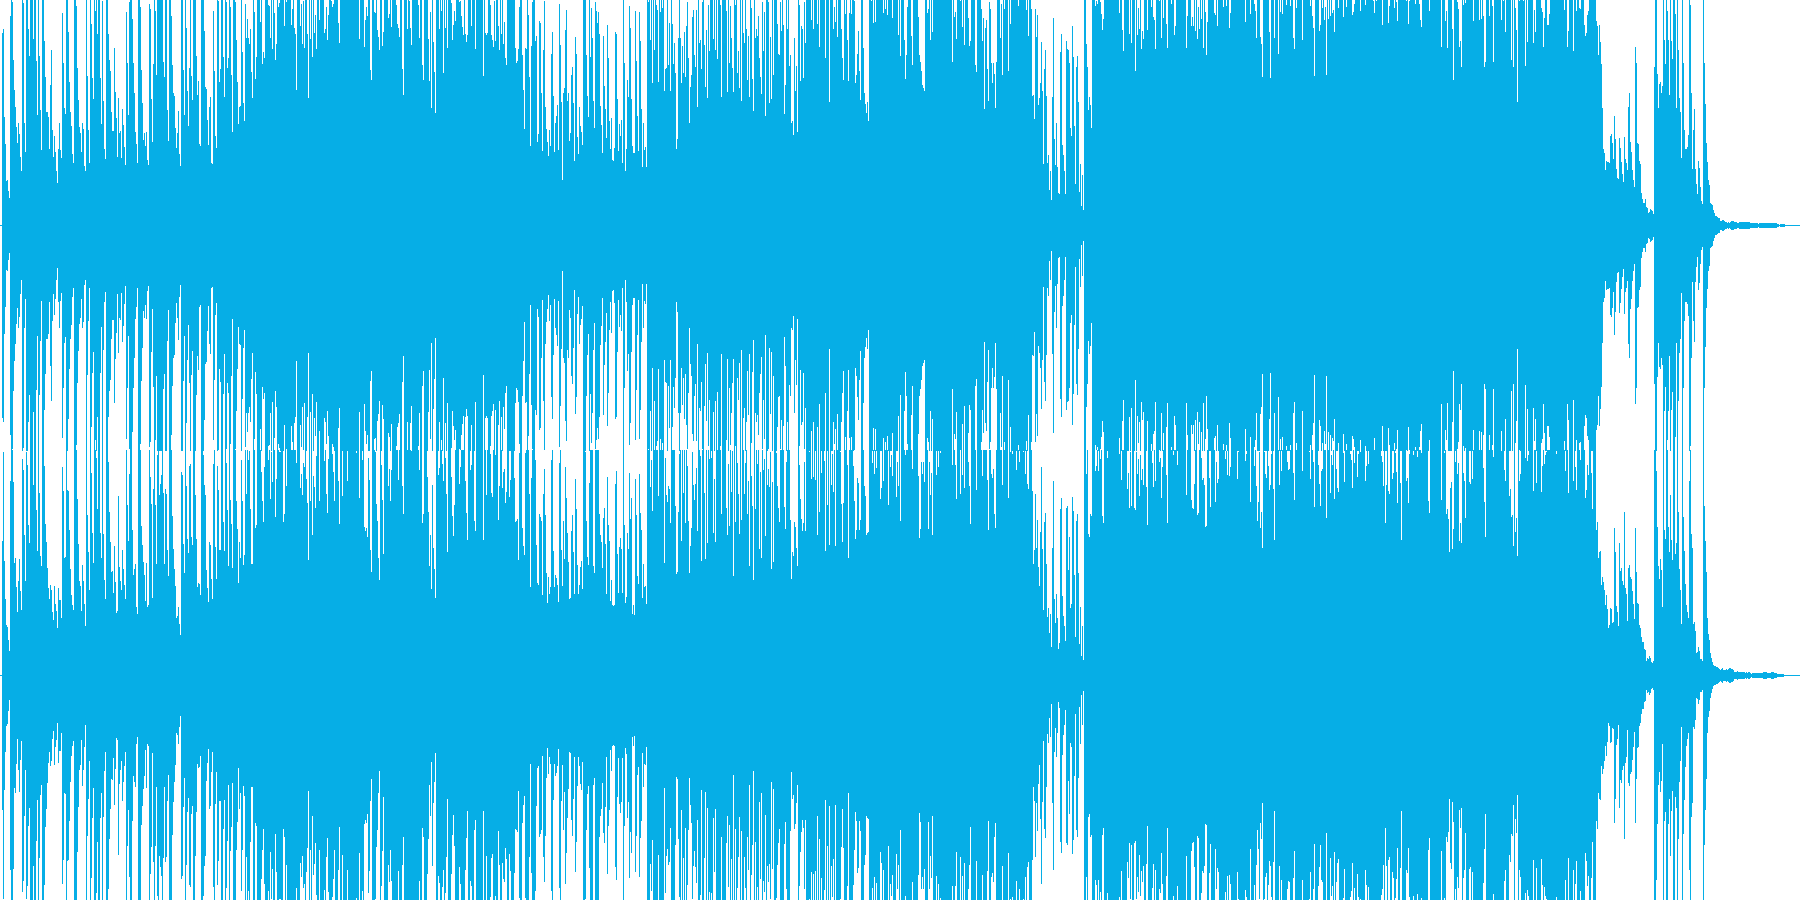 ちょっと変わった和風BGMの再生済みの波形